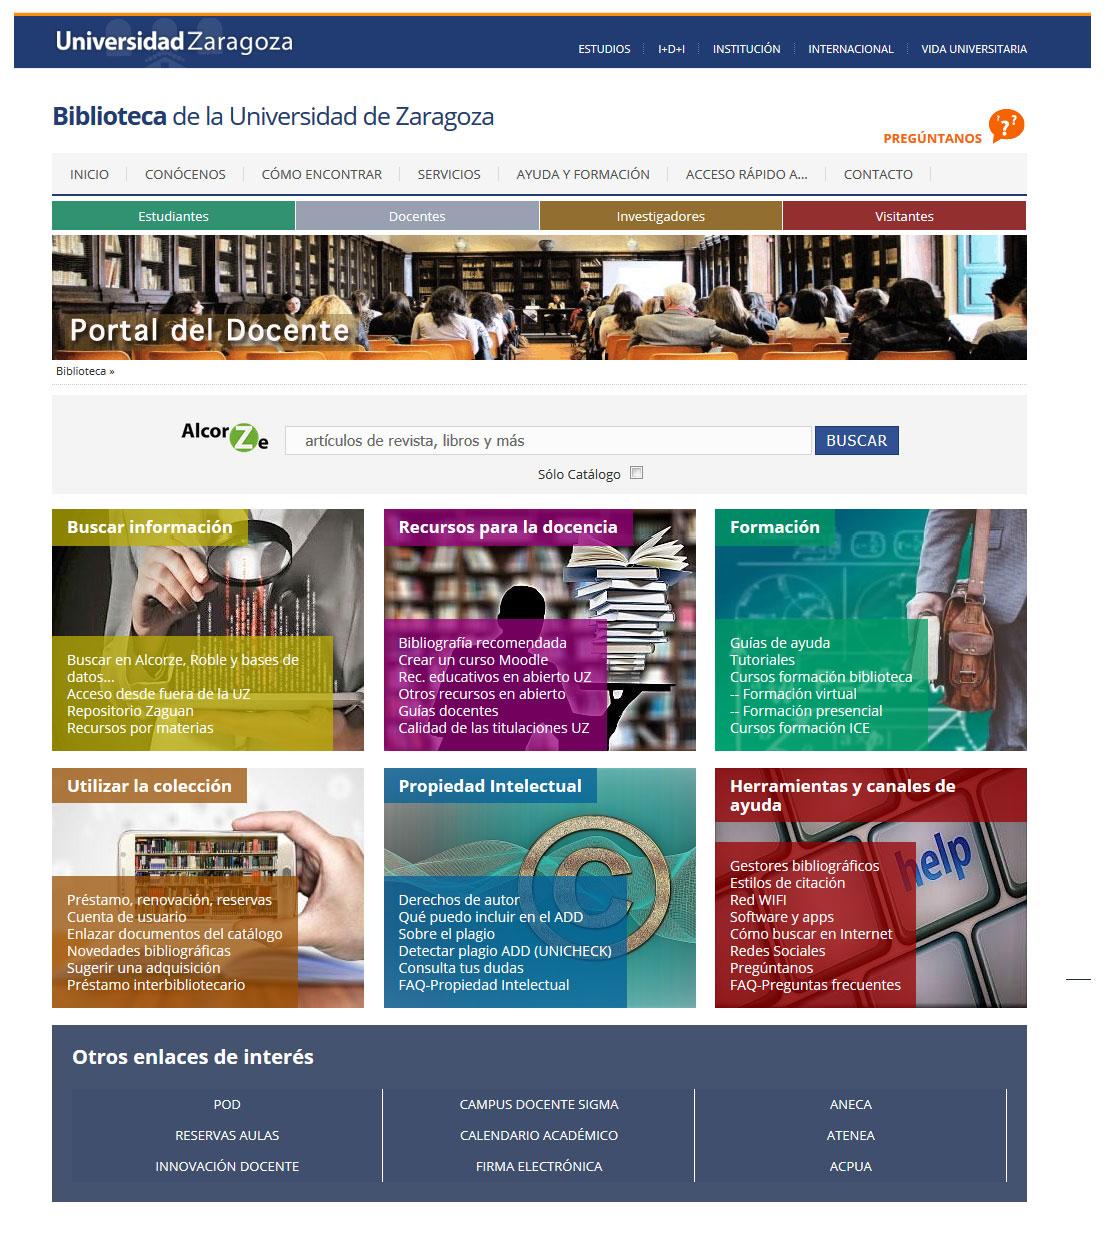 Portal del docente: Una puerta digital a la biblioteca creada para ti